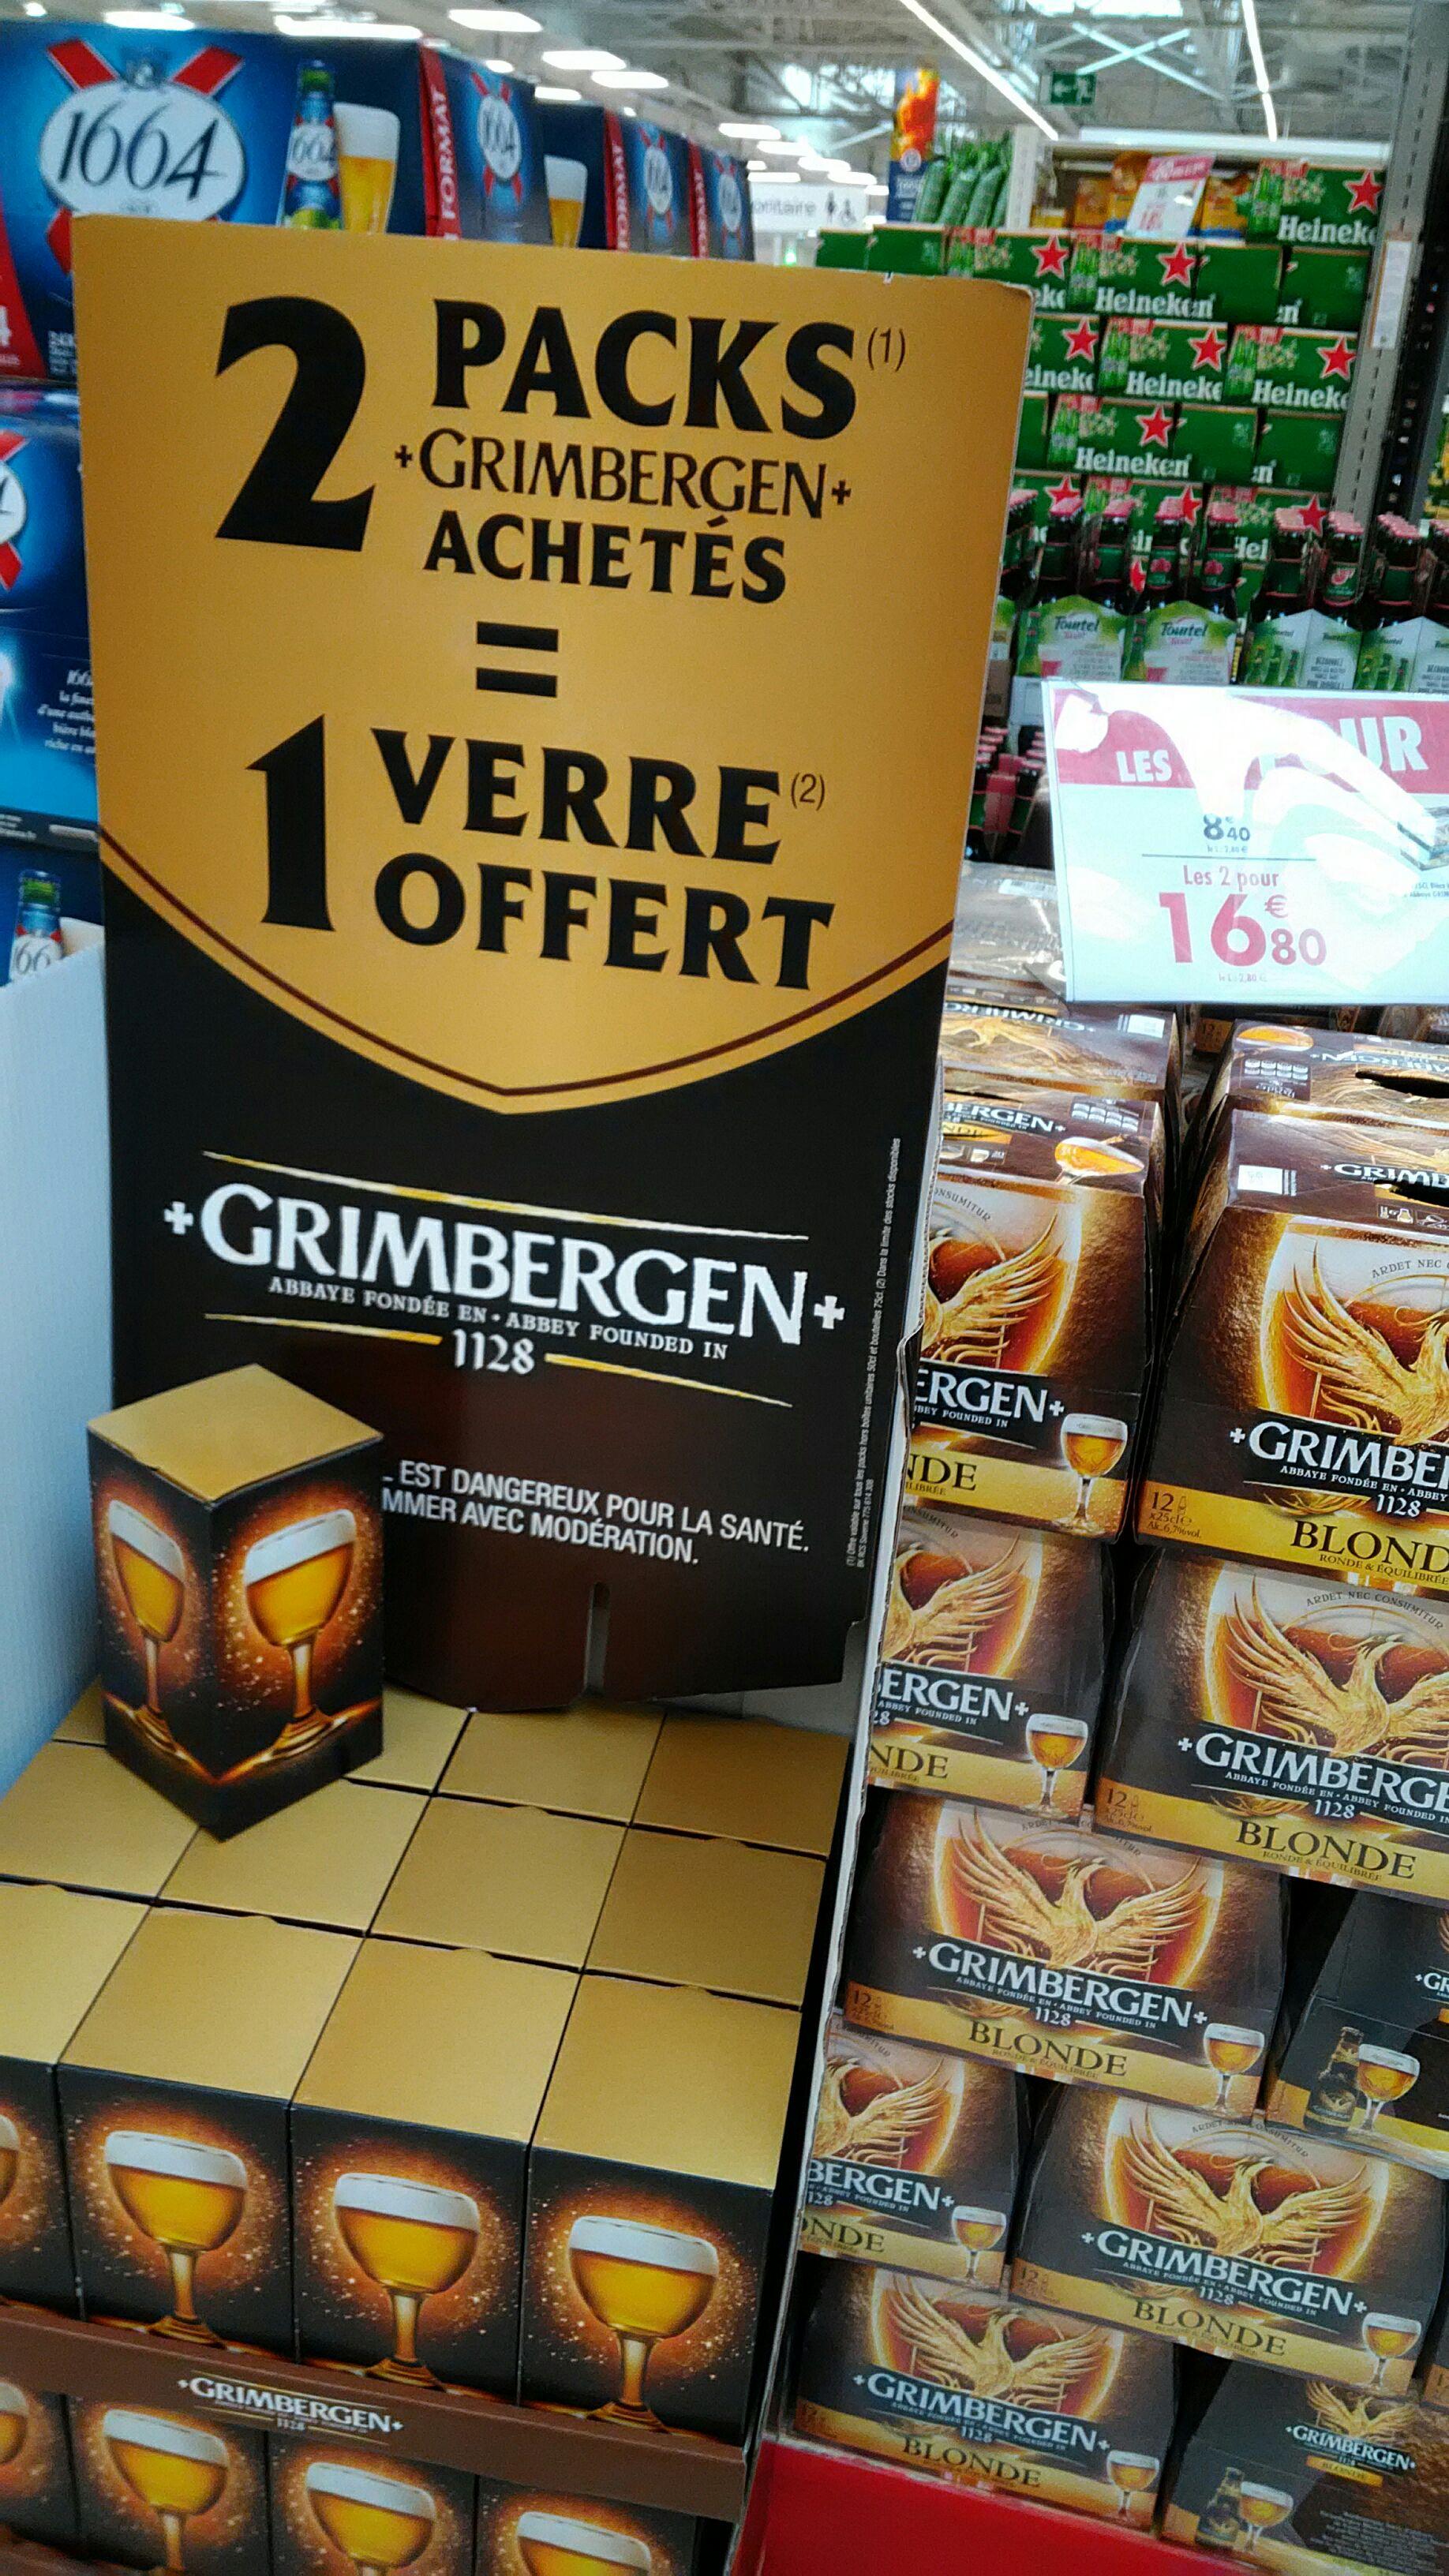 2 packs de bières Grimbergen achetés = 1 verre à bière offert - Marzy (58)